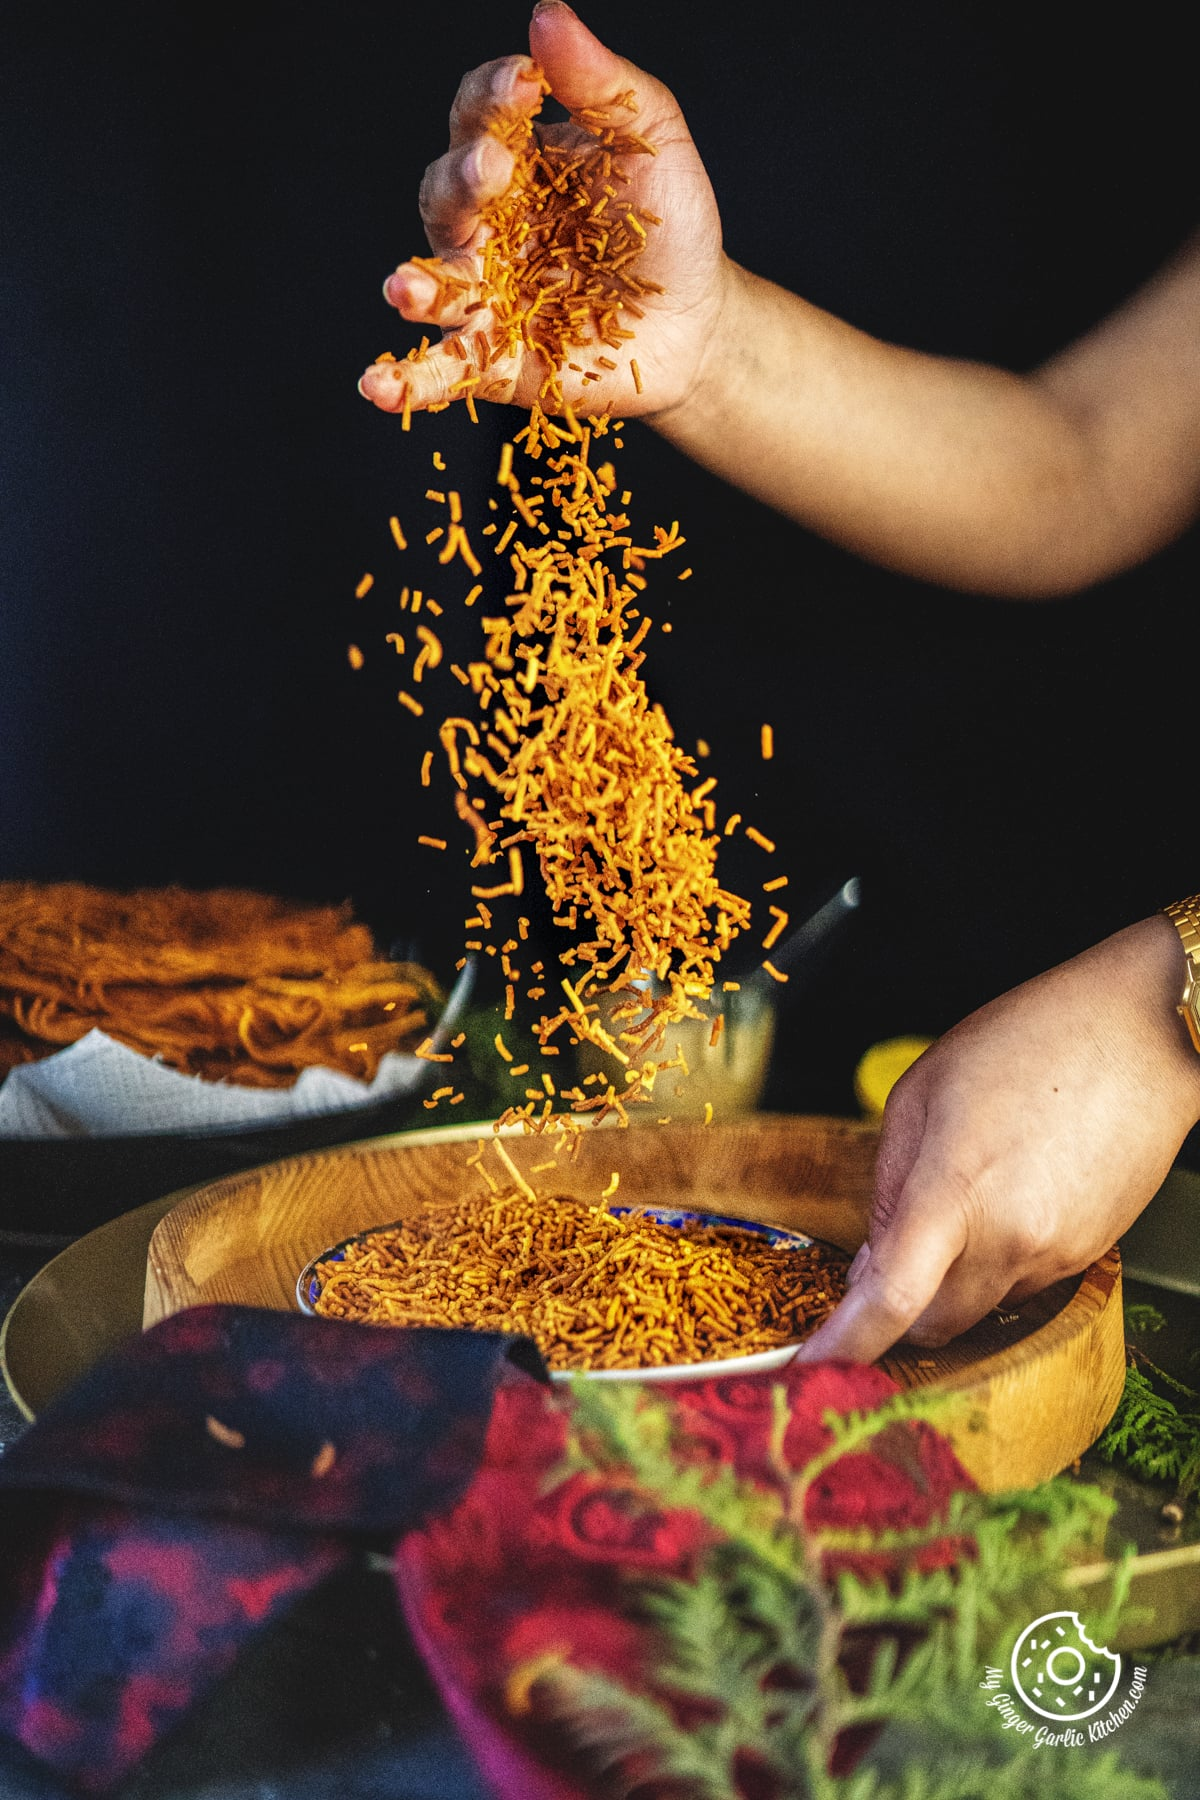 a female sprinkling aloo bhujia in a plate